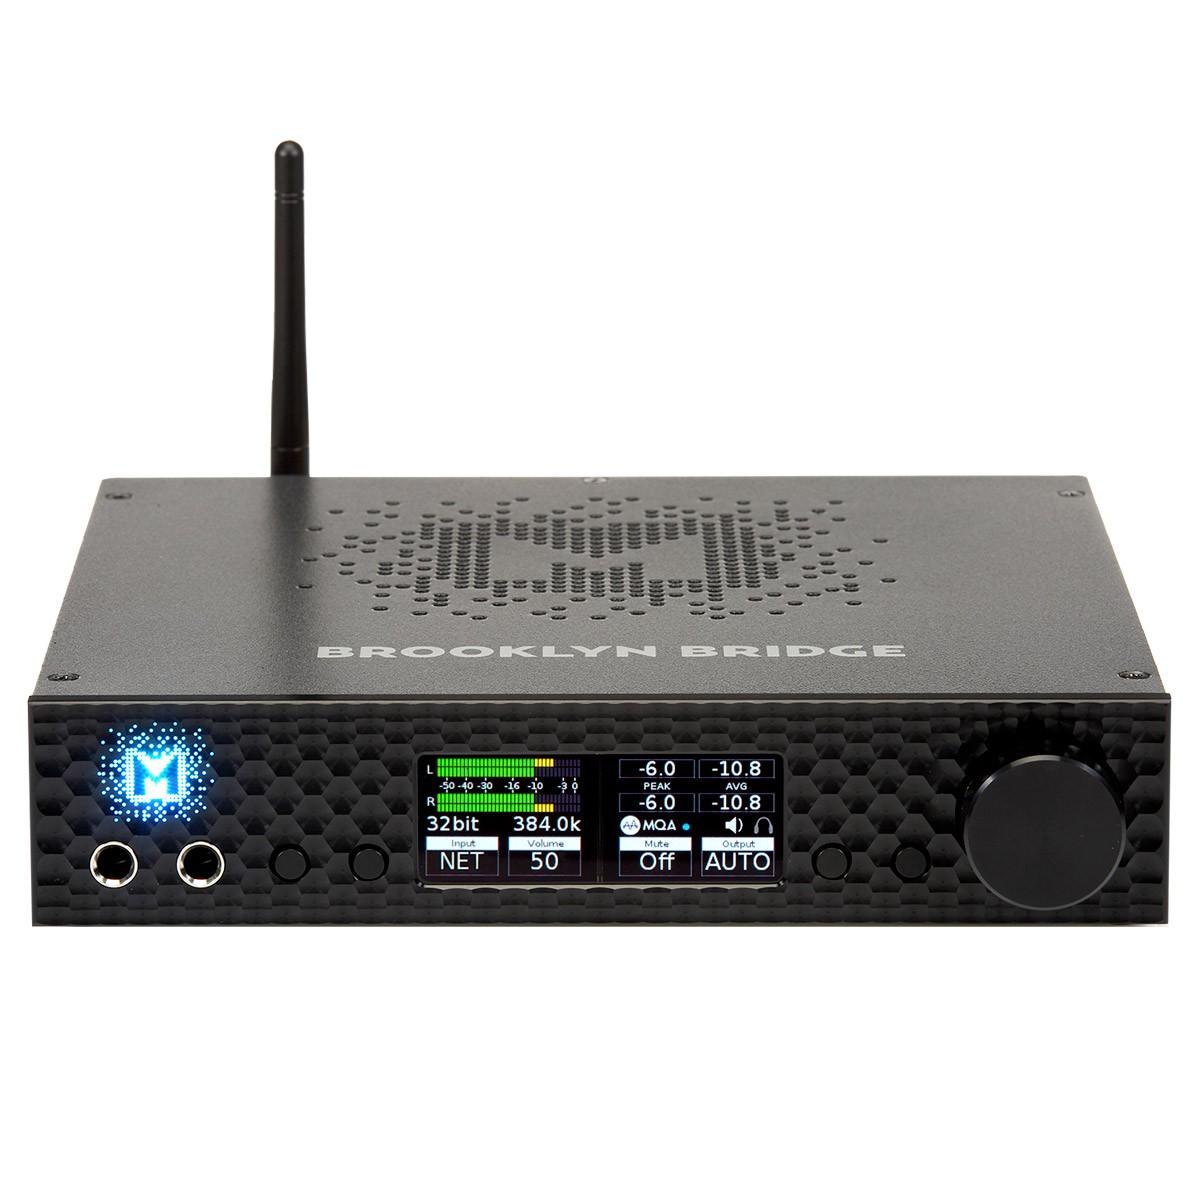 MYTEK BROOKLYN BRIDGE Lecteur Réseau DAC Préamplificateur Phono MM/MC ES9028Pro 32bit 384kHz DSD256 MQA